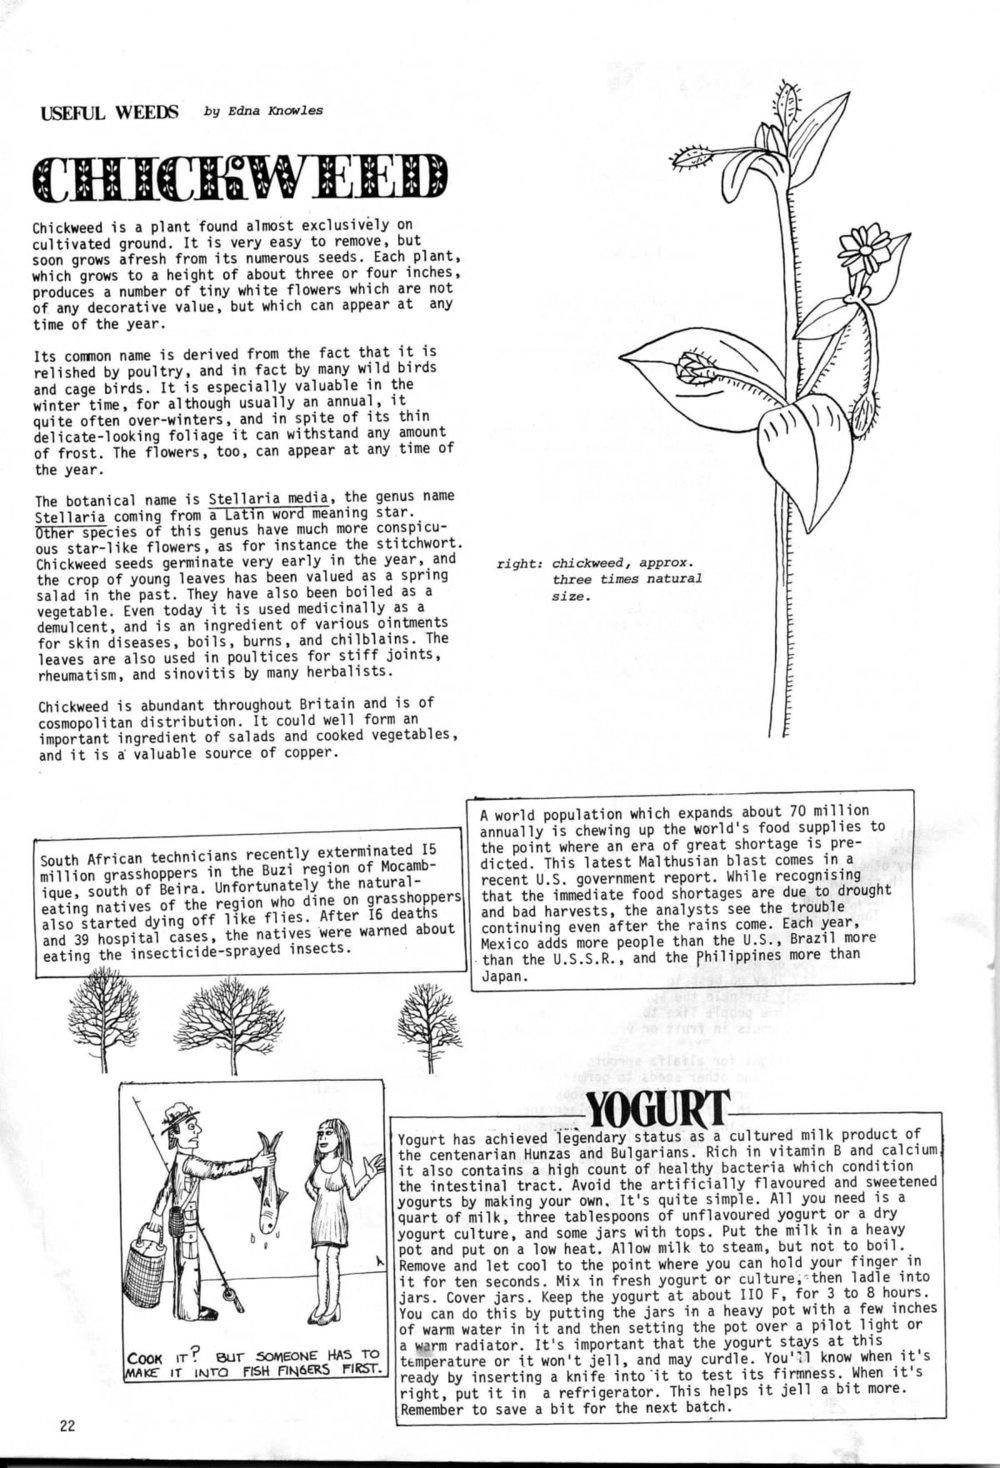 seed-v2-n8-aug1973-22.jpg